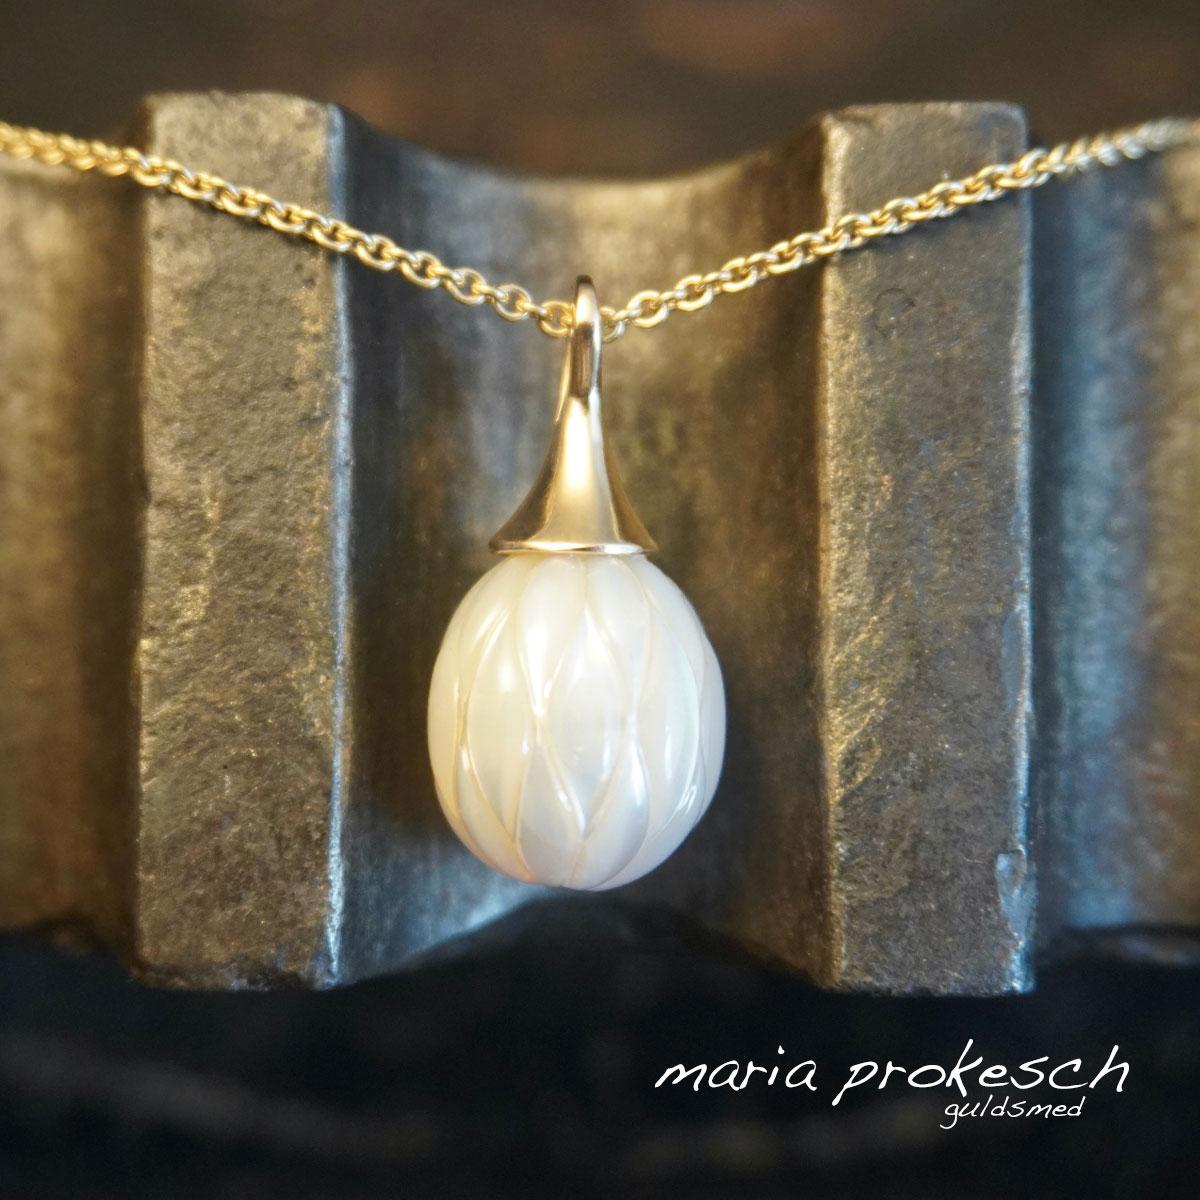 Perlevedhæng med hvid perle. Flot til bryllup. 18 kt guld med graveret perle med slebet mønster.